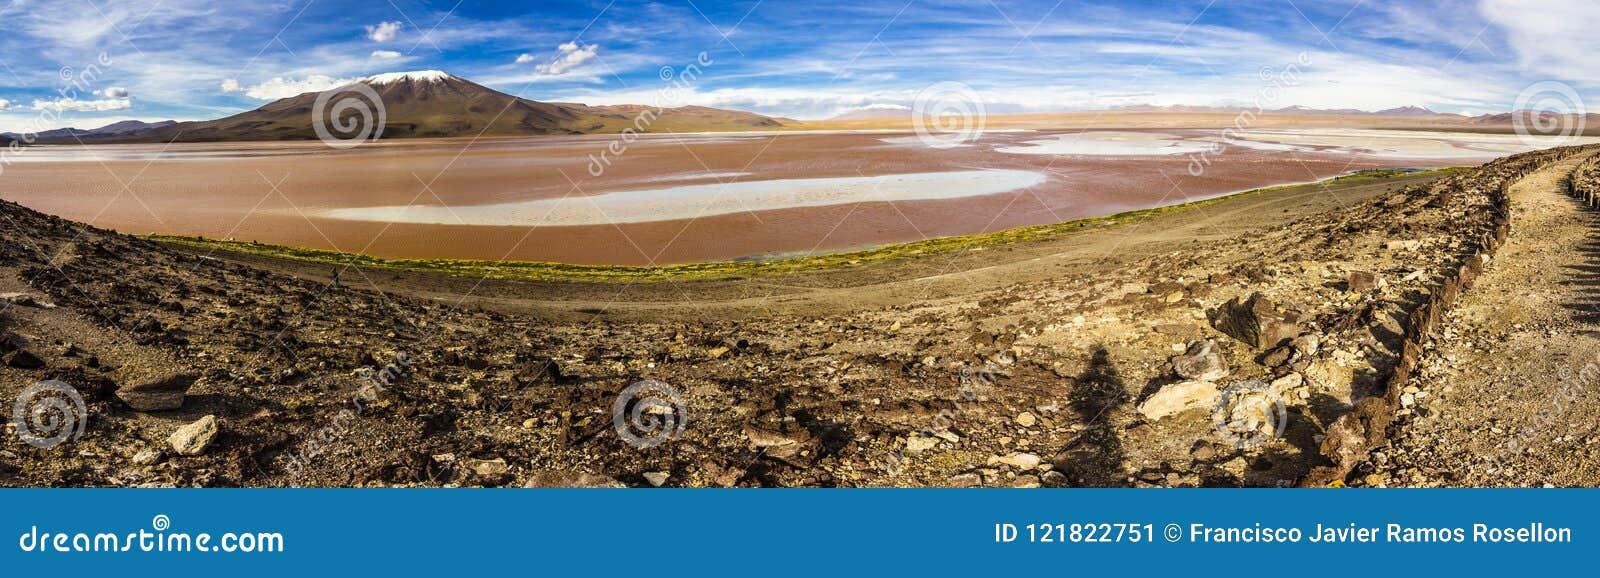 Les réflexions d Uyuni sont l une des choses les plus étonnantes qu un photographe peut voir Ici nous pouvons voir comment le lev